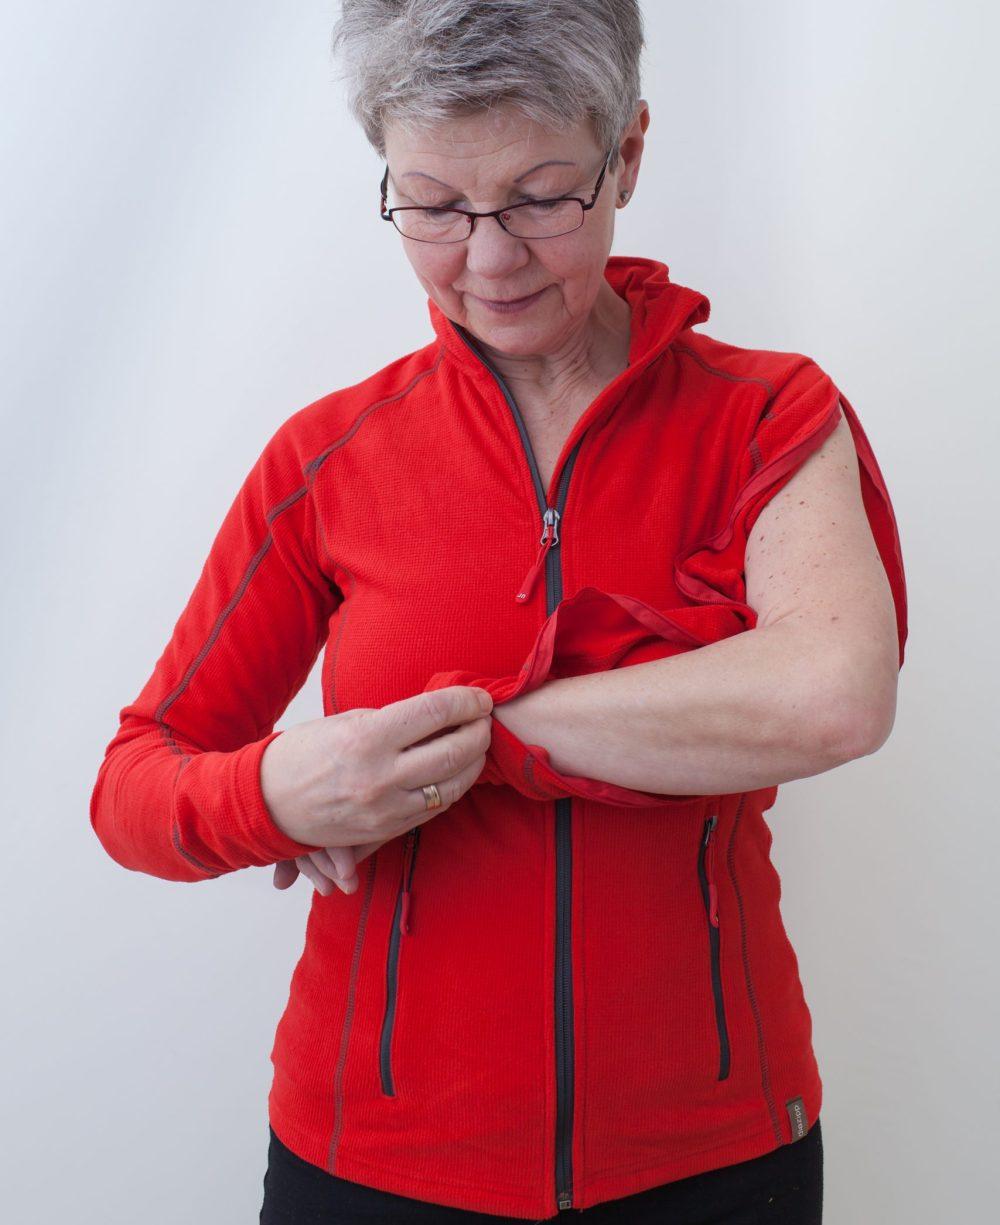 rot-damenfleece-jacke-mit-individuellem-reißverschluss-für-dialysepatienten-diazipp